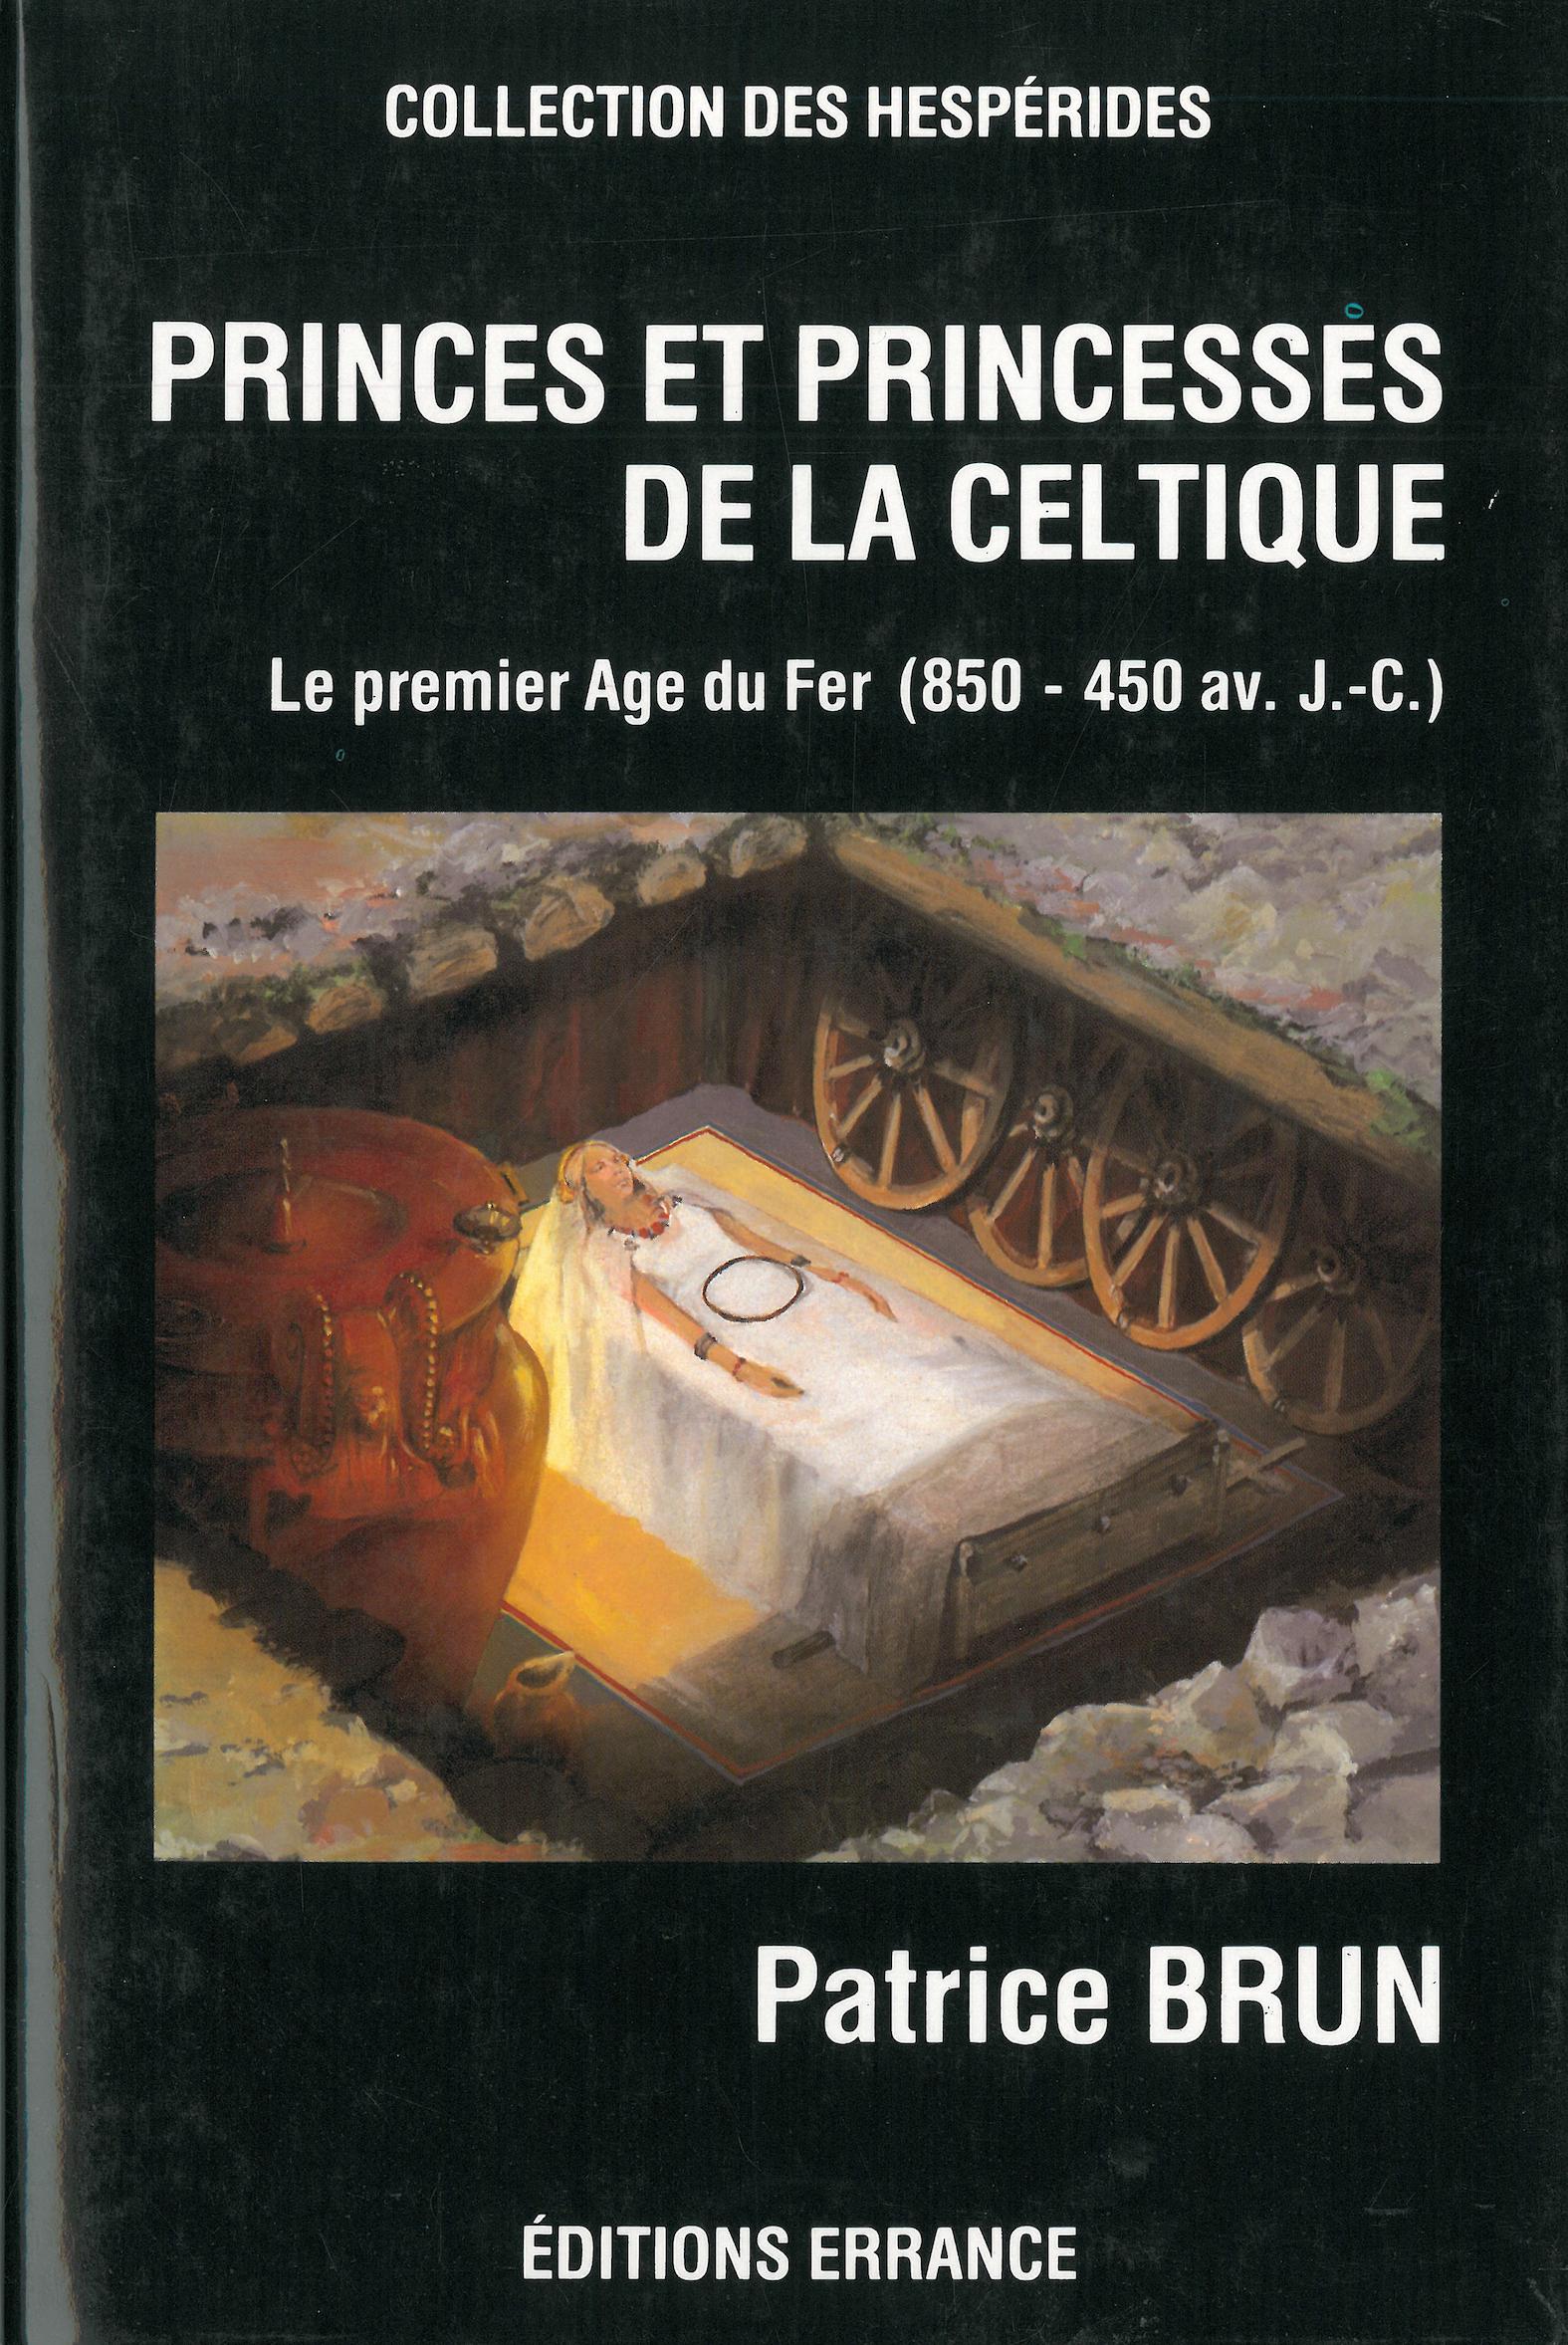 Princes et princesses de la celtique. Le premier Âge du Fer (850 – 450 av. J.-C.)